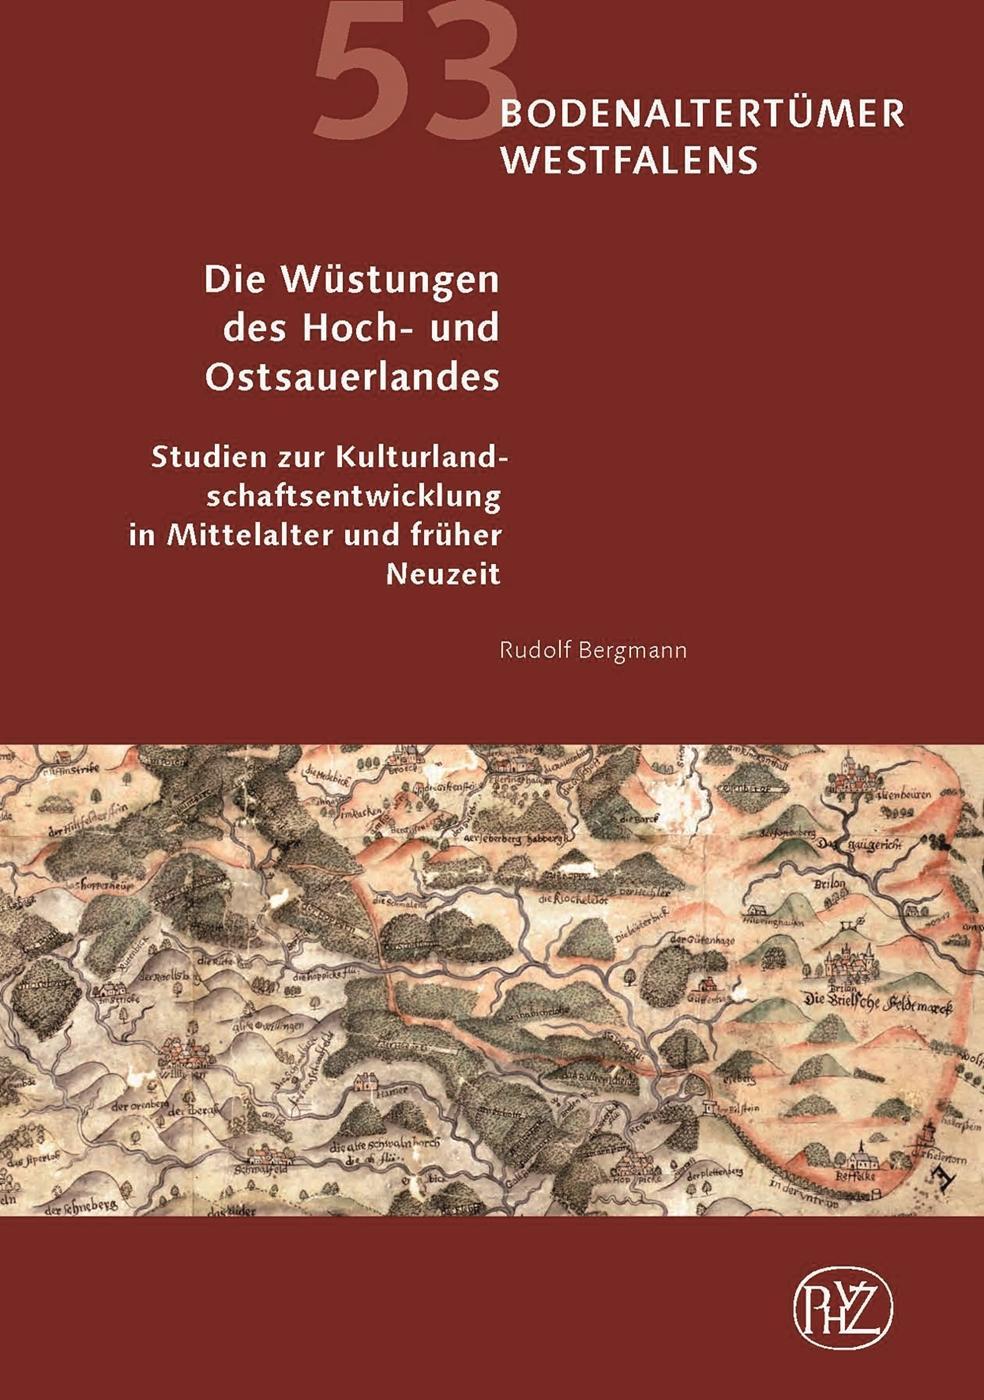 Die Wüstungen des Hoch- und Ostsauerlandes : Rudolf Bergmann